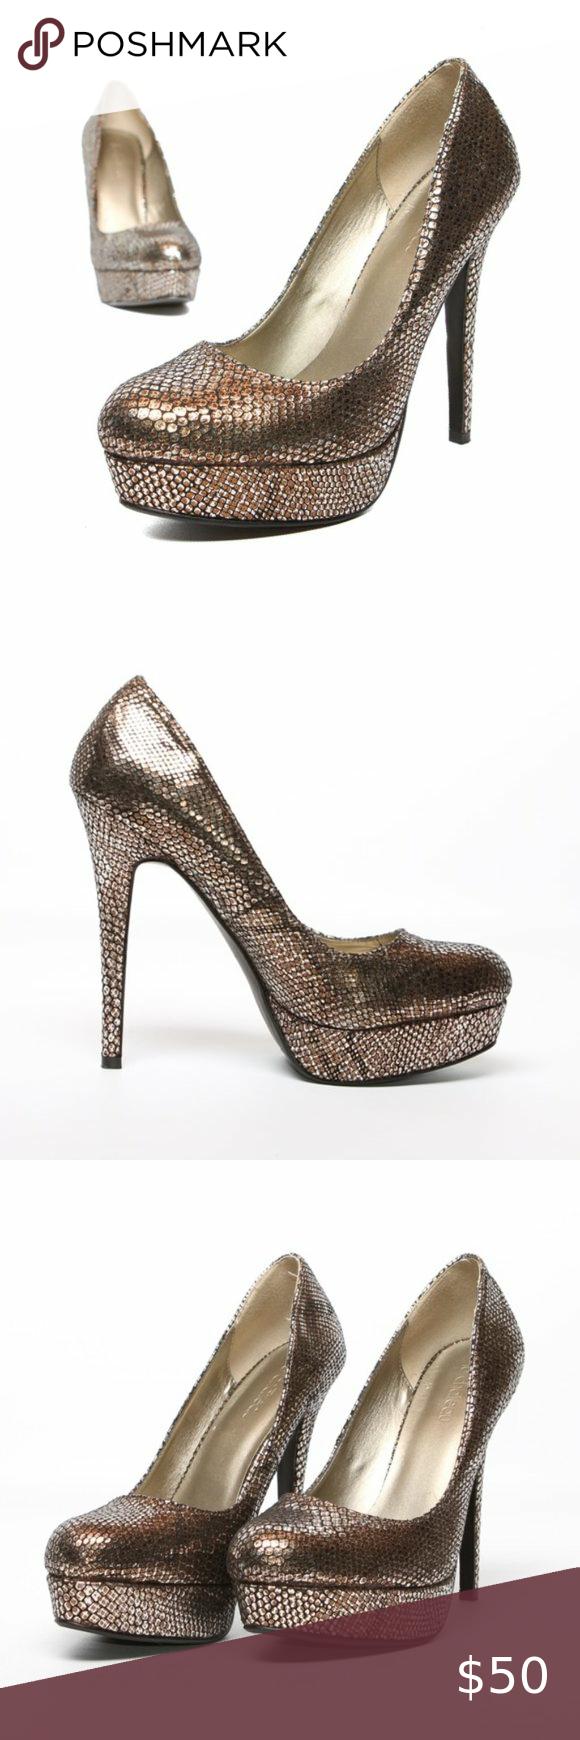 LE CHATEAU Platform Heels Gold Snakeskin Gold 9